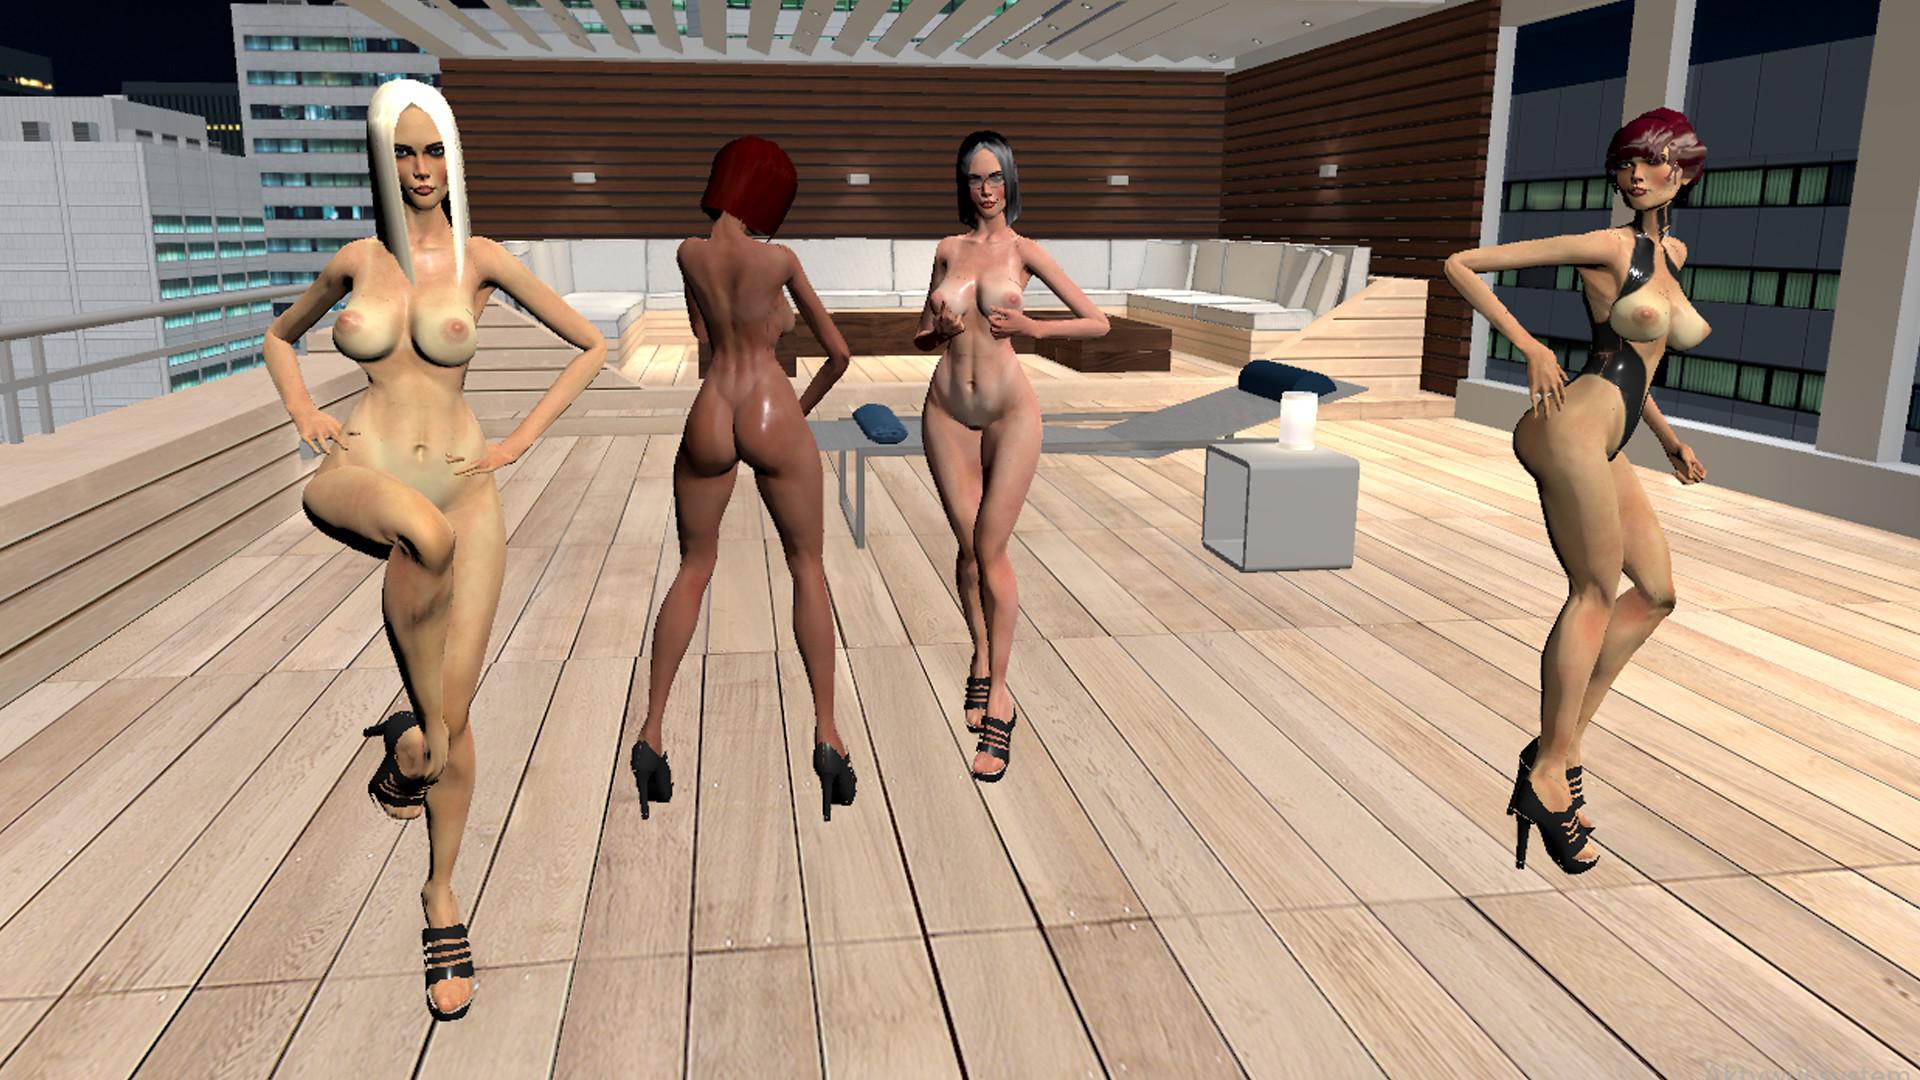 голые игры и девушки видео игры игры игры меня началась